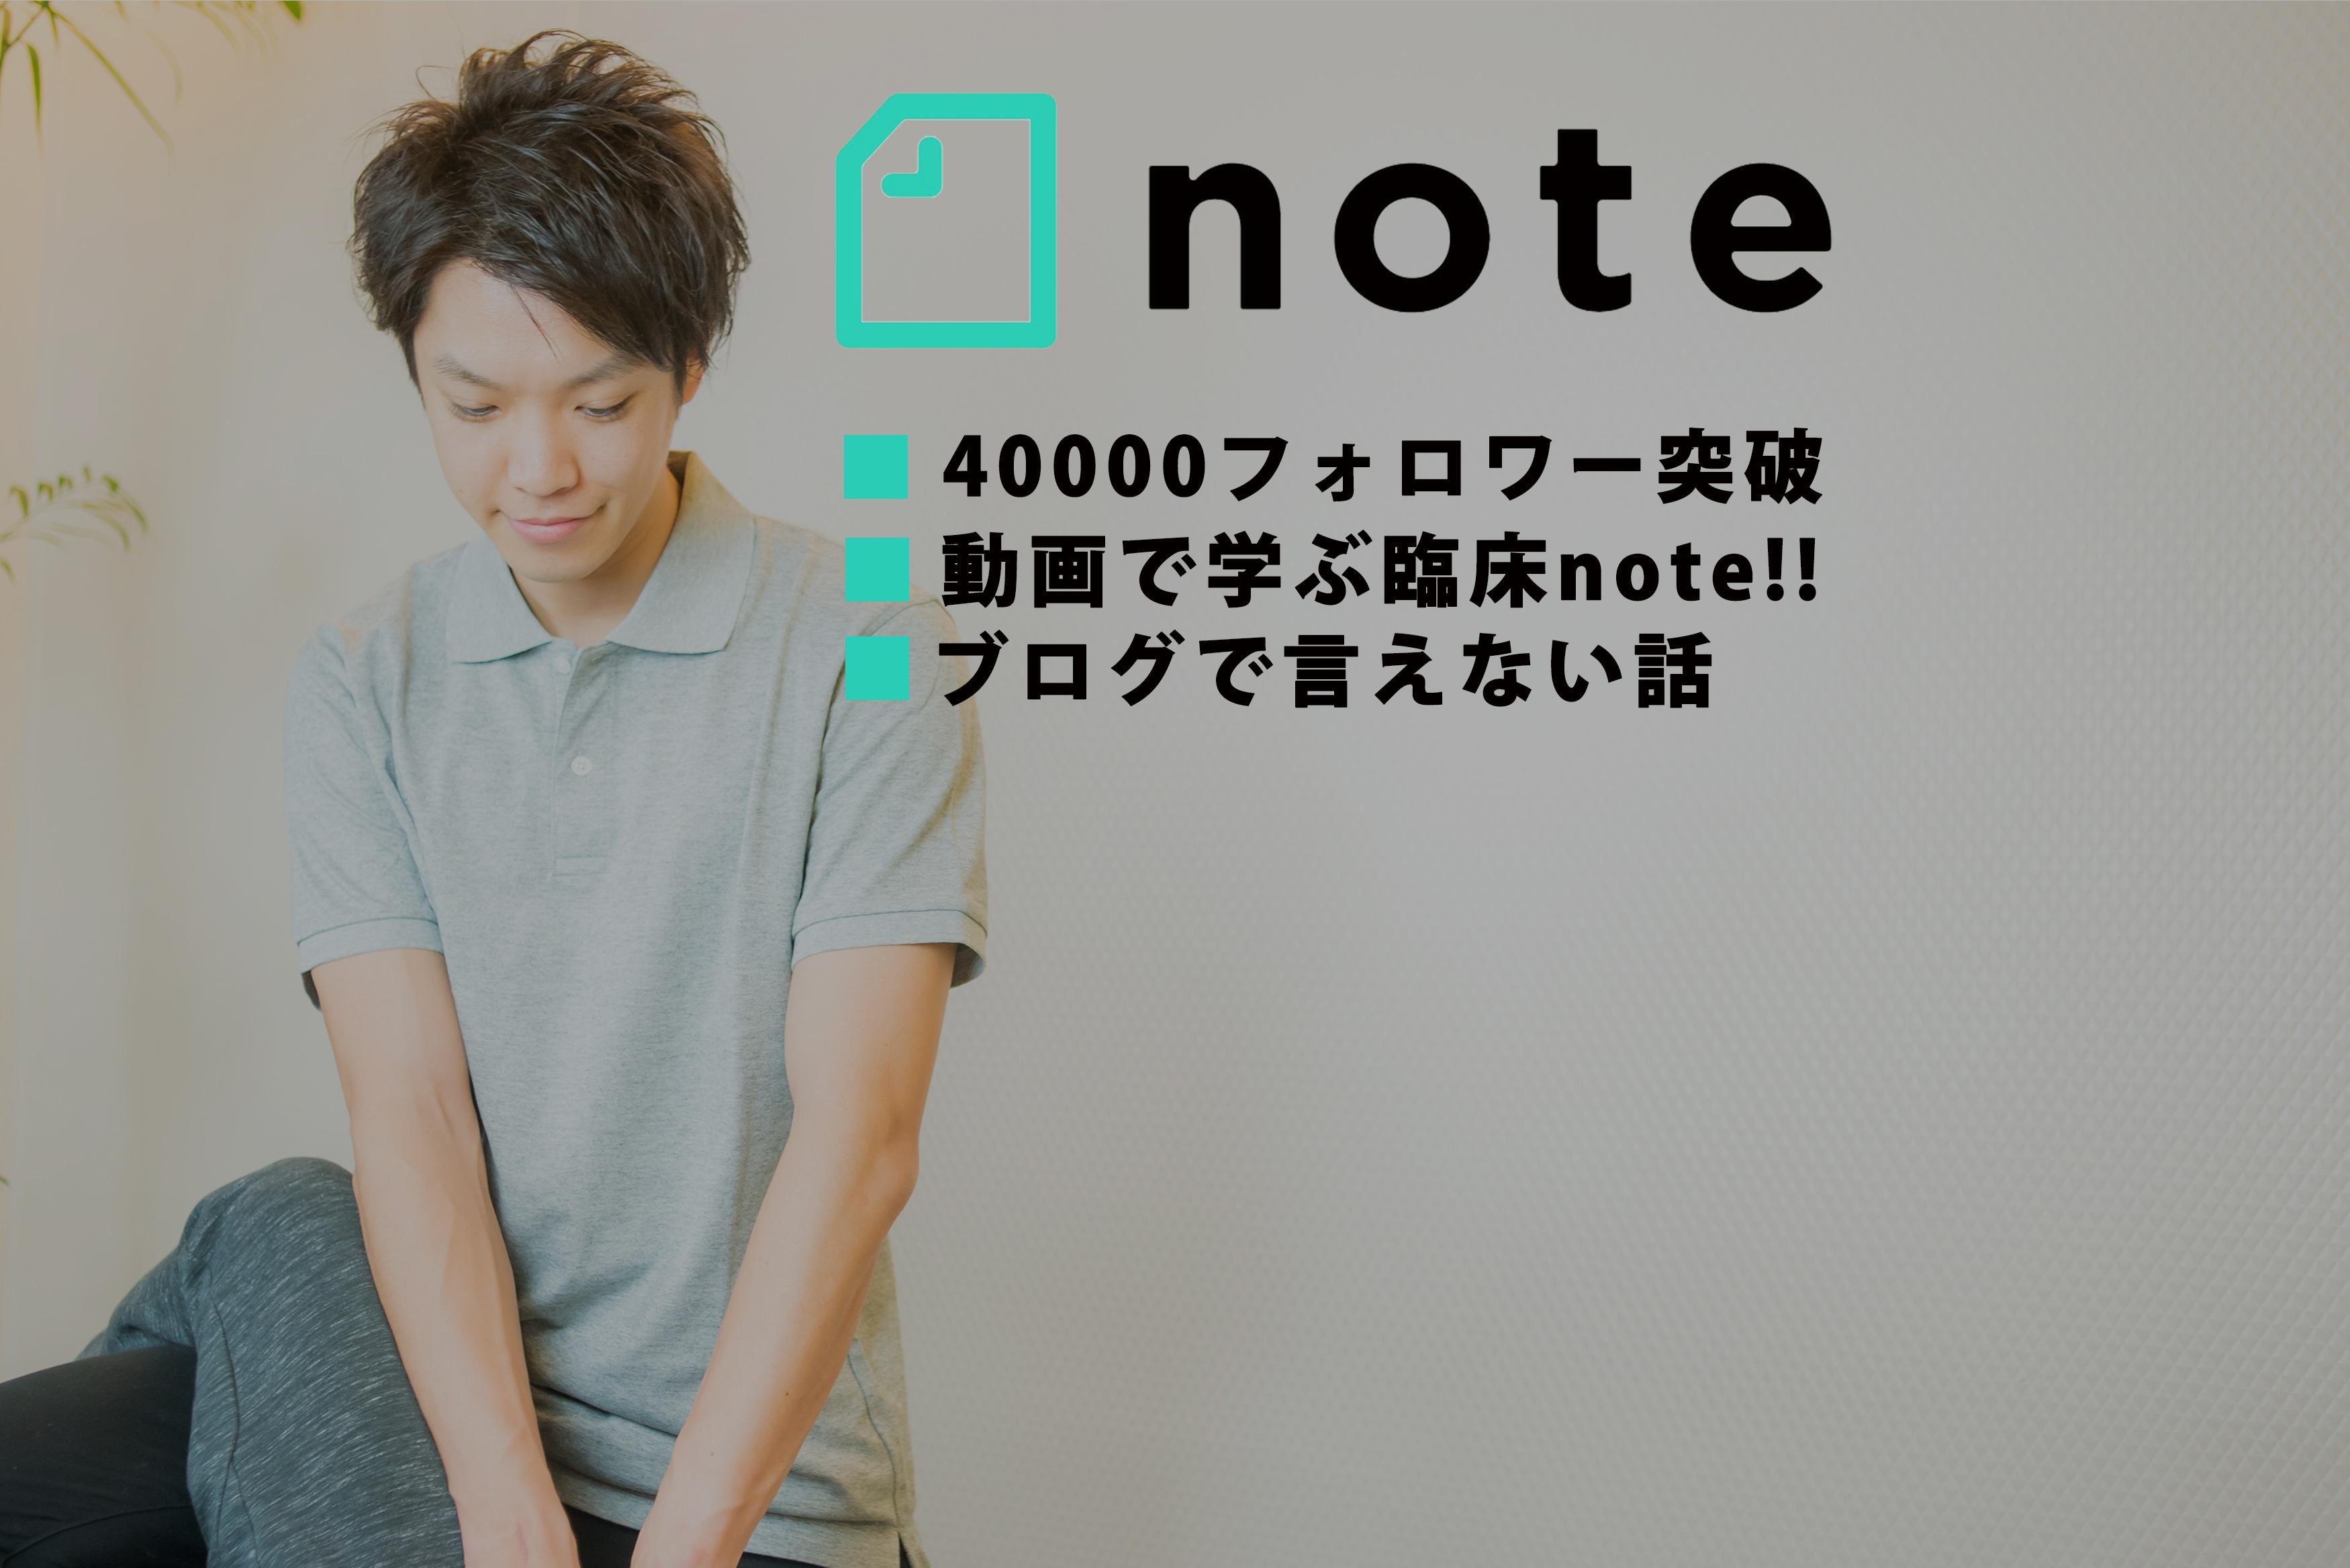 吉田の臨床note!!4万人フォロワー突破!動画・音声・文章でより深く学ぶ!